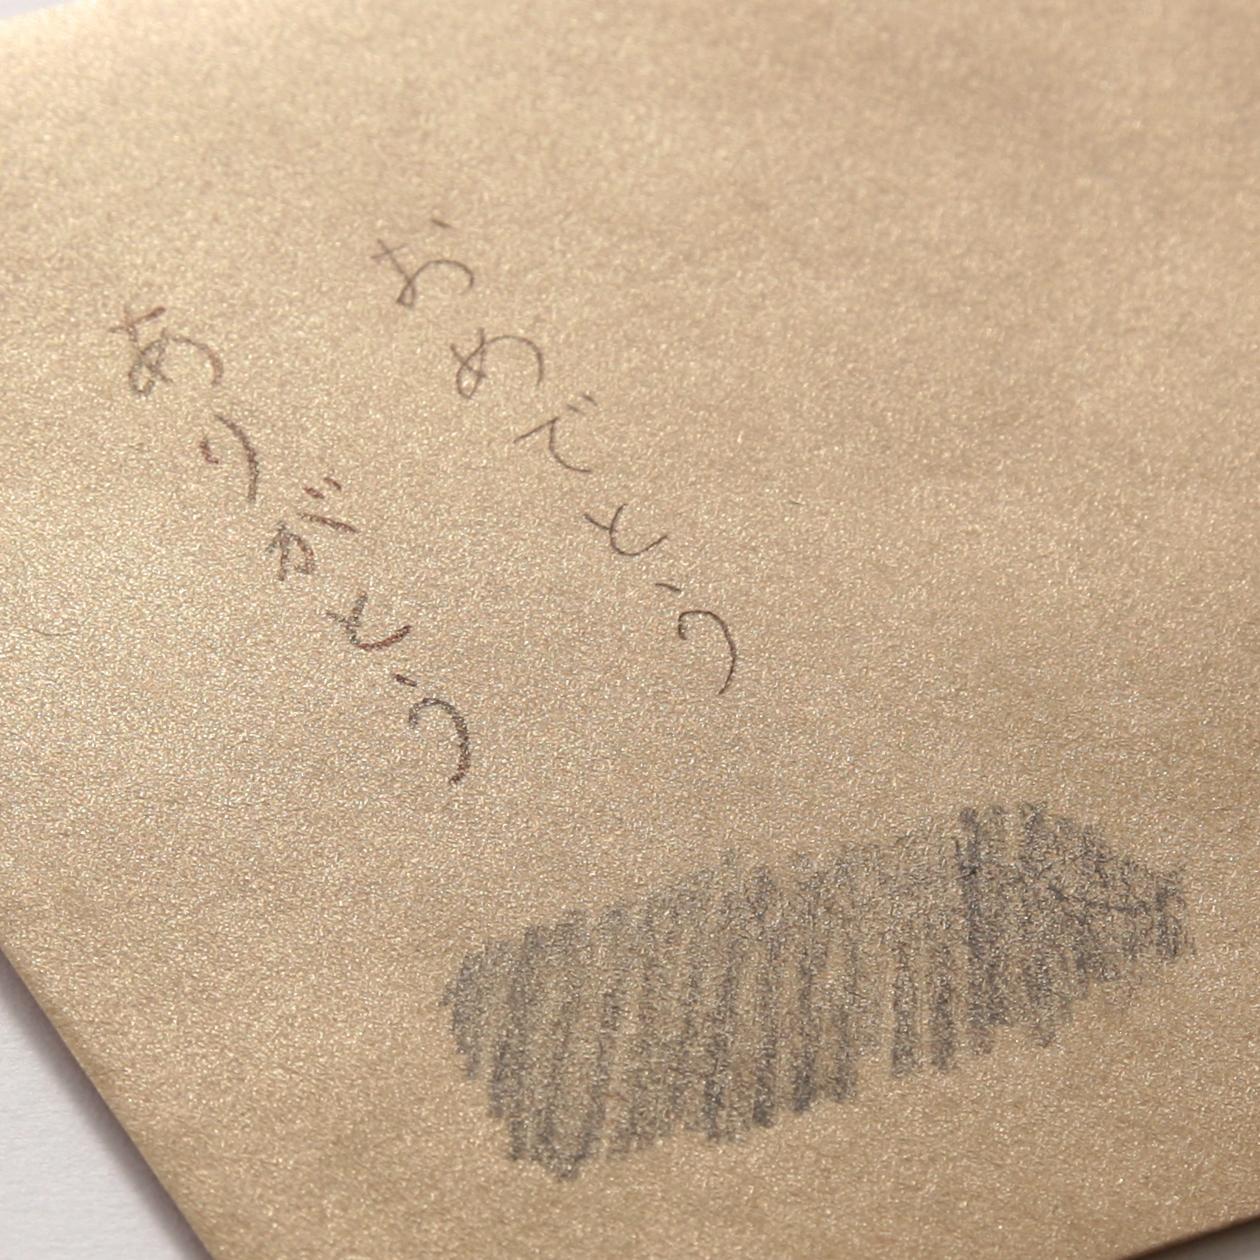 SE16カマス封筒 クラシッククラフト ゴールド 107.5g